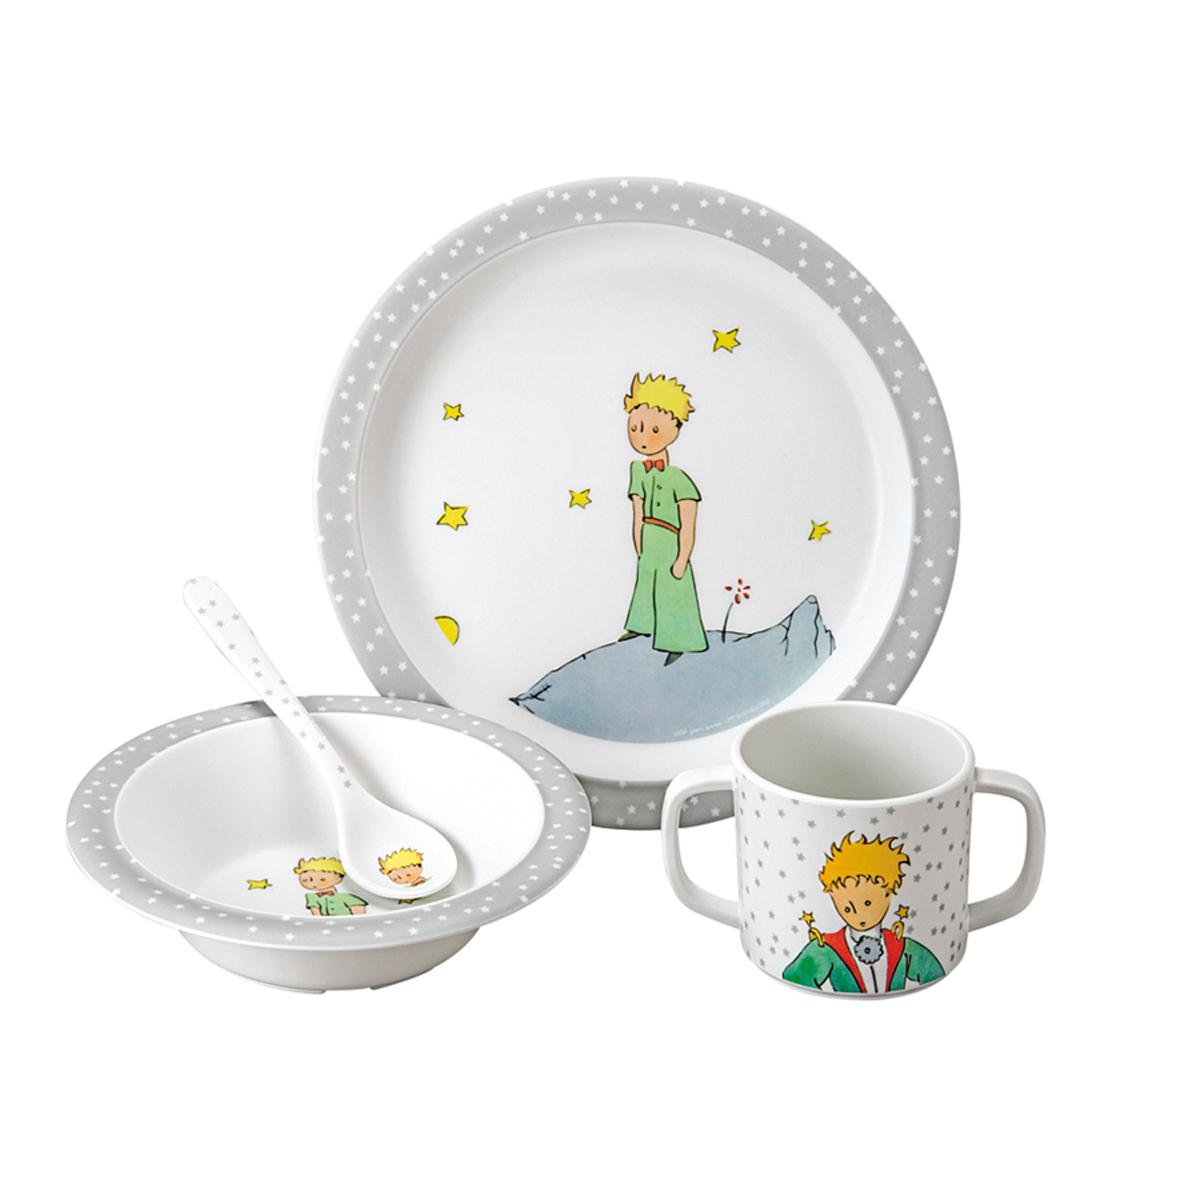 """Coffret repas Coffret Cadeau 4 Pièces """"Le Petit Prince"""" - Gris Coffret Cadeau 4 Pièces """"Le Petit Prince"""" - Gris"""